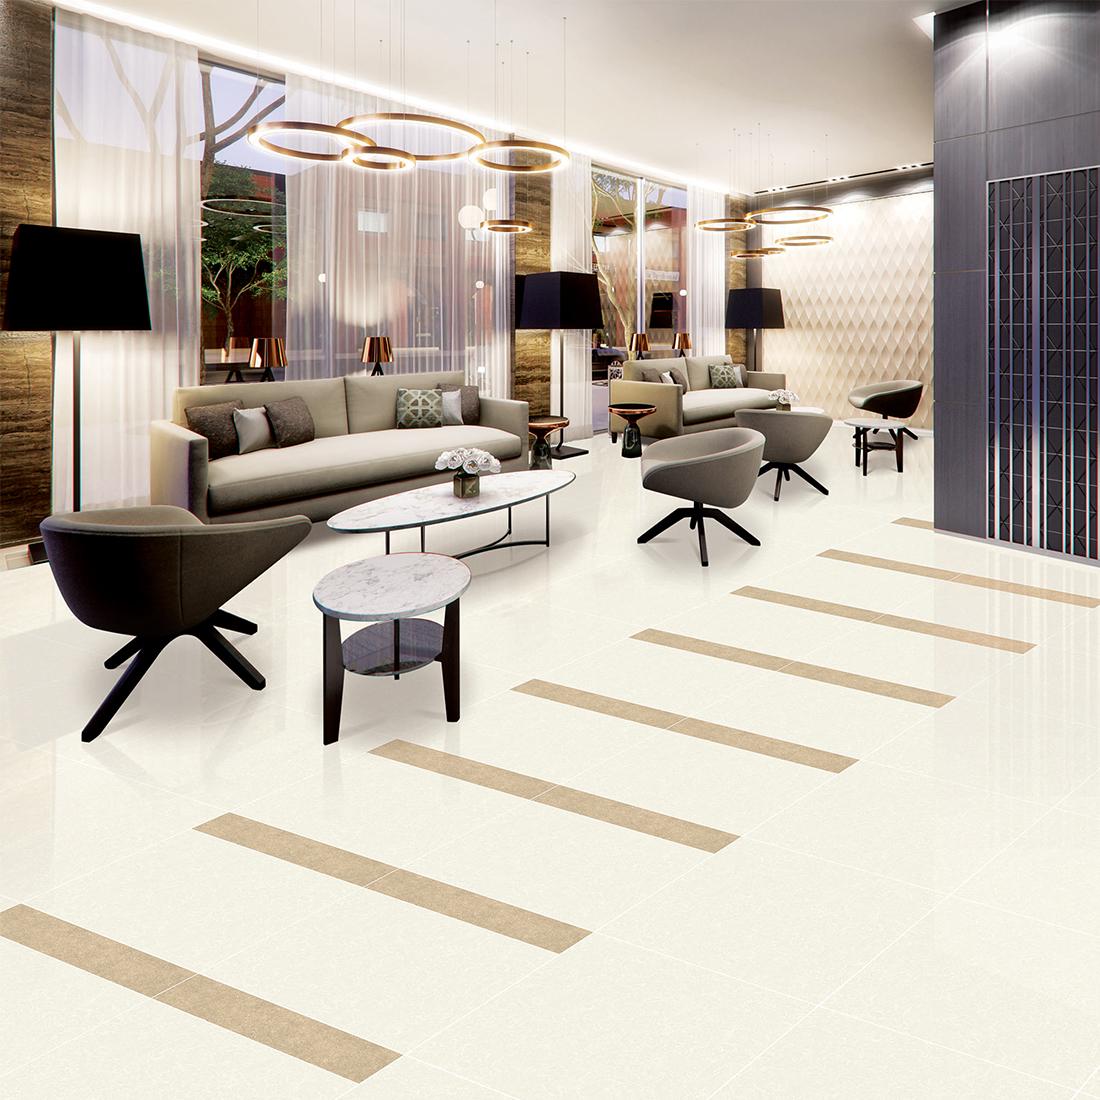 Không gian căn phòng sử dụng gạch ốp lát Viglacera tuyệt đẹp